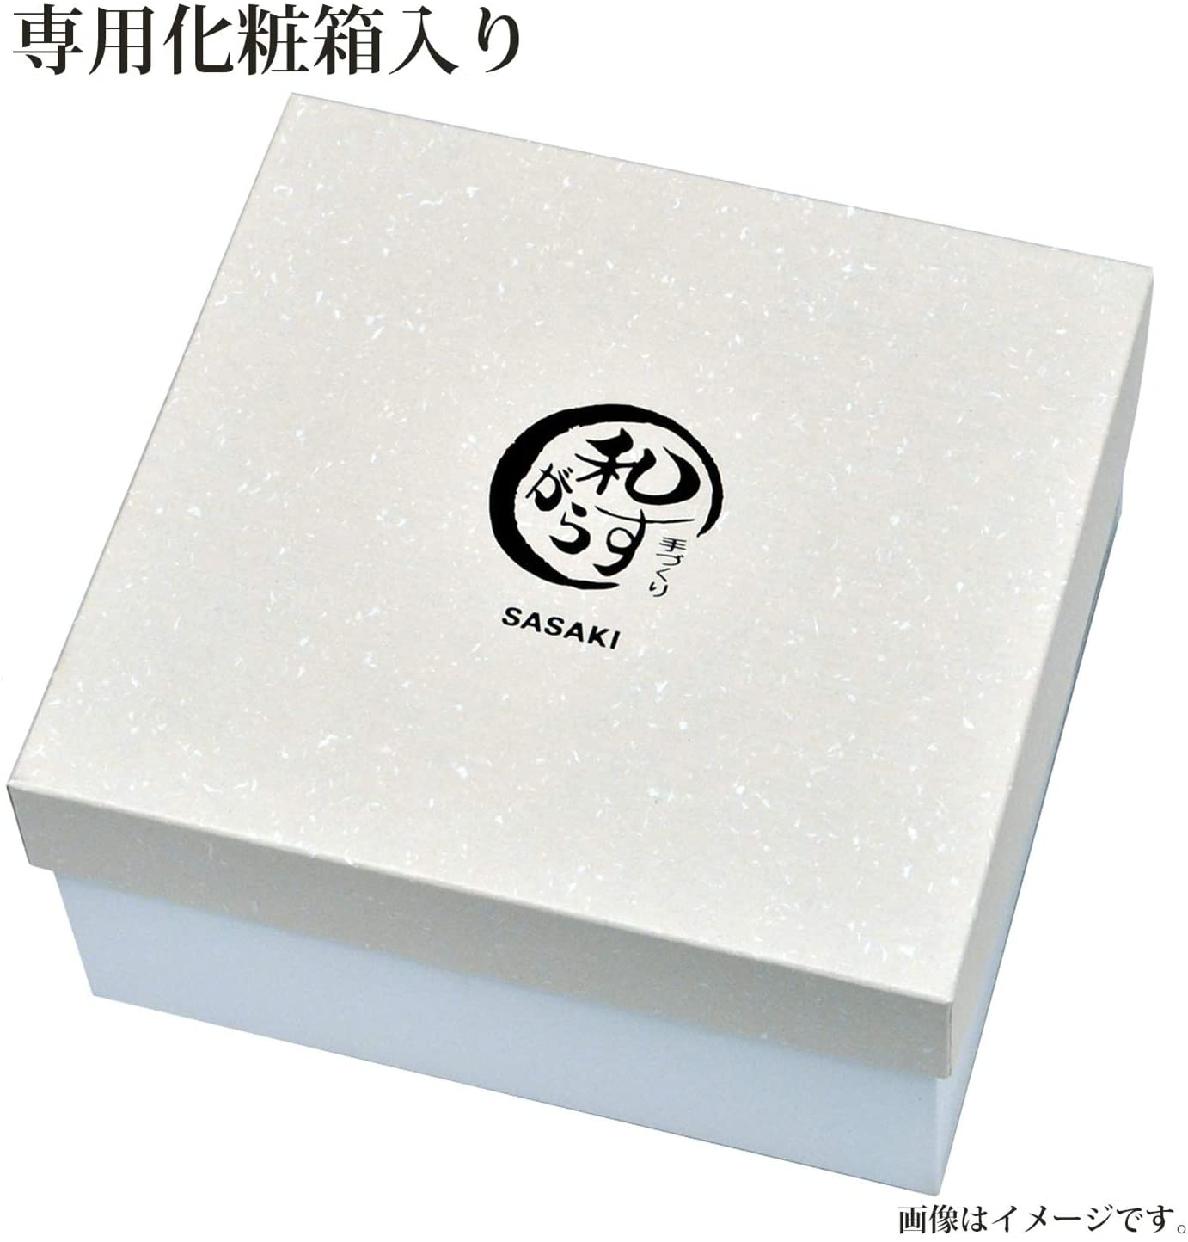 東洋佐々木ガラス(とうようささきがらす)日本酒グラス 冷酒セット G538-M66の商品画像6